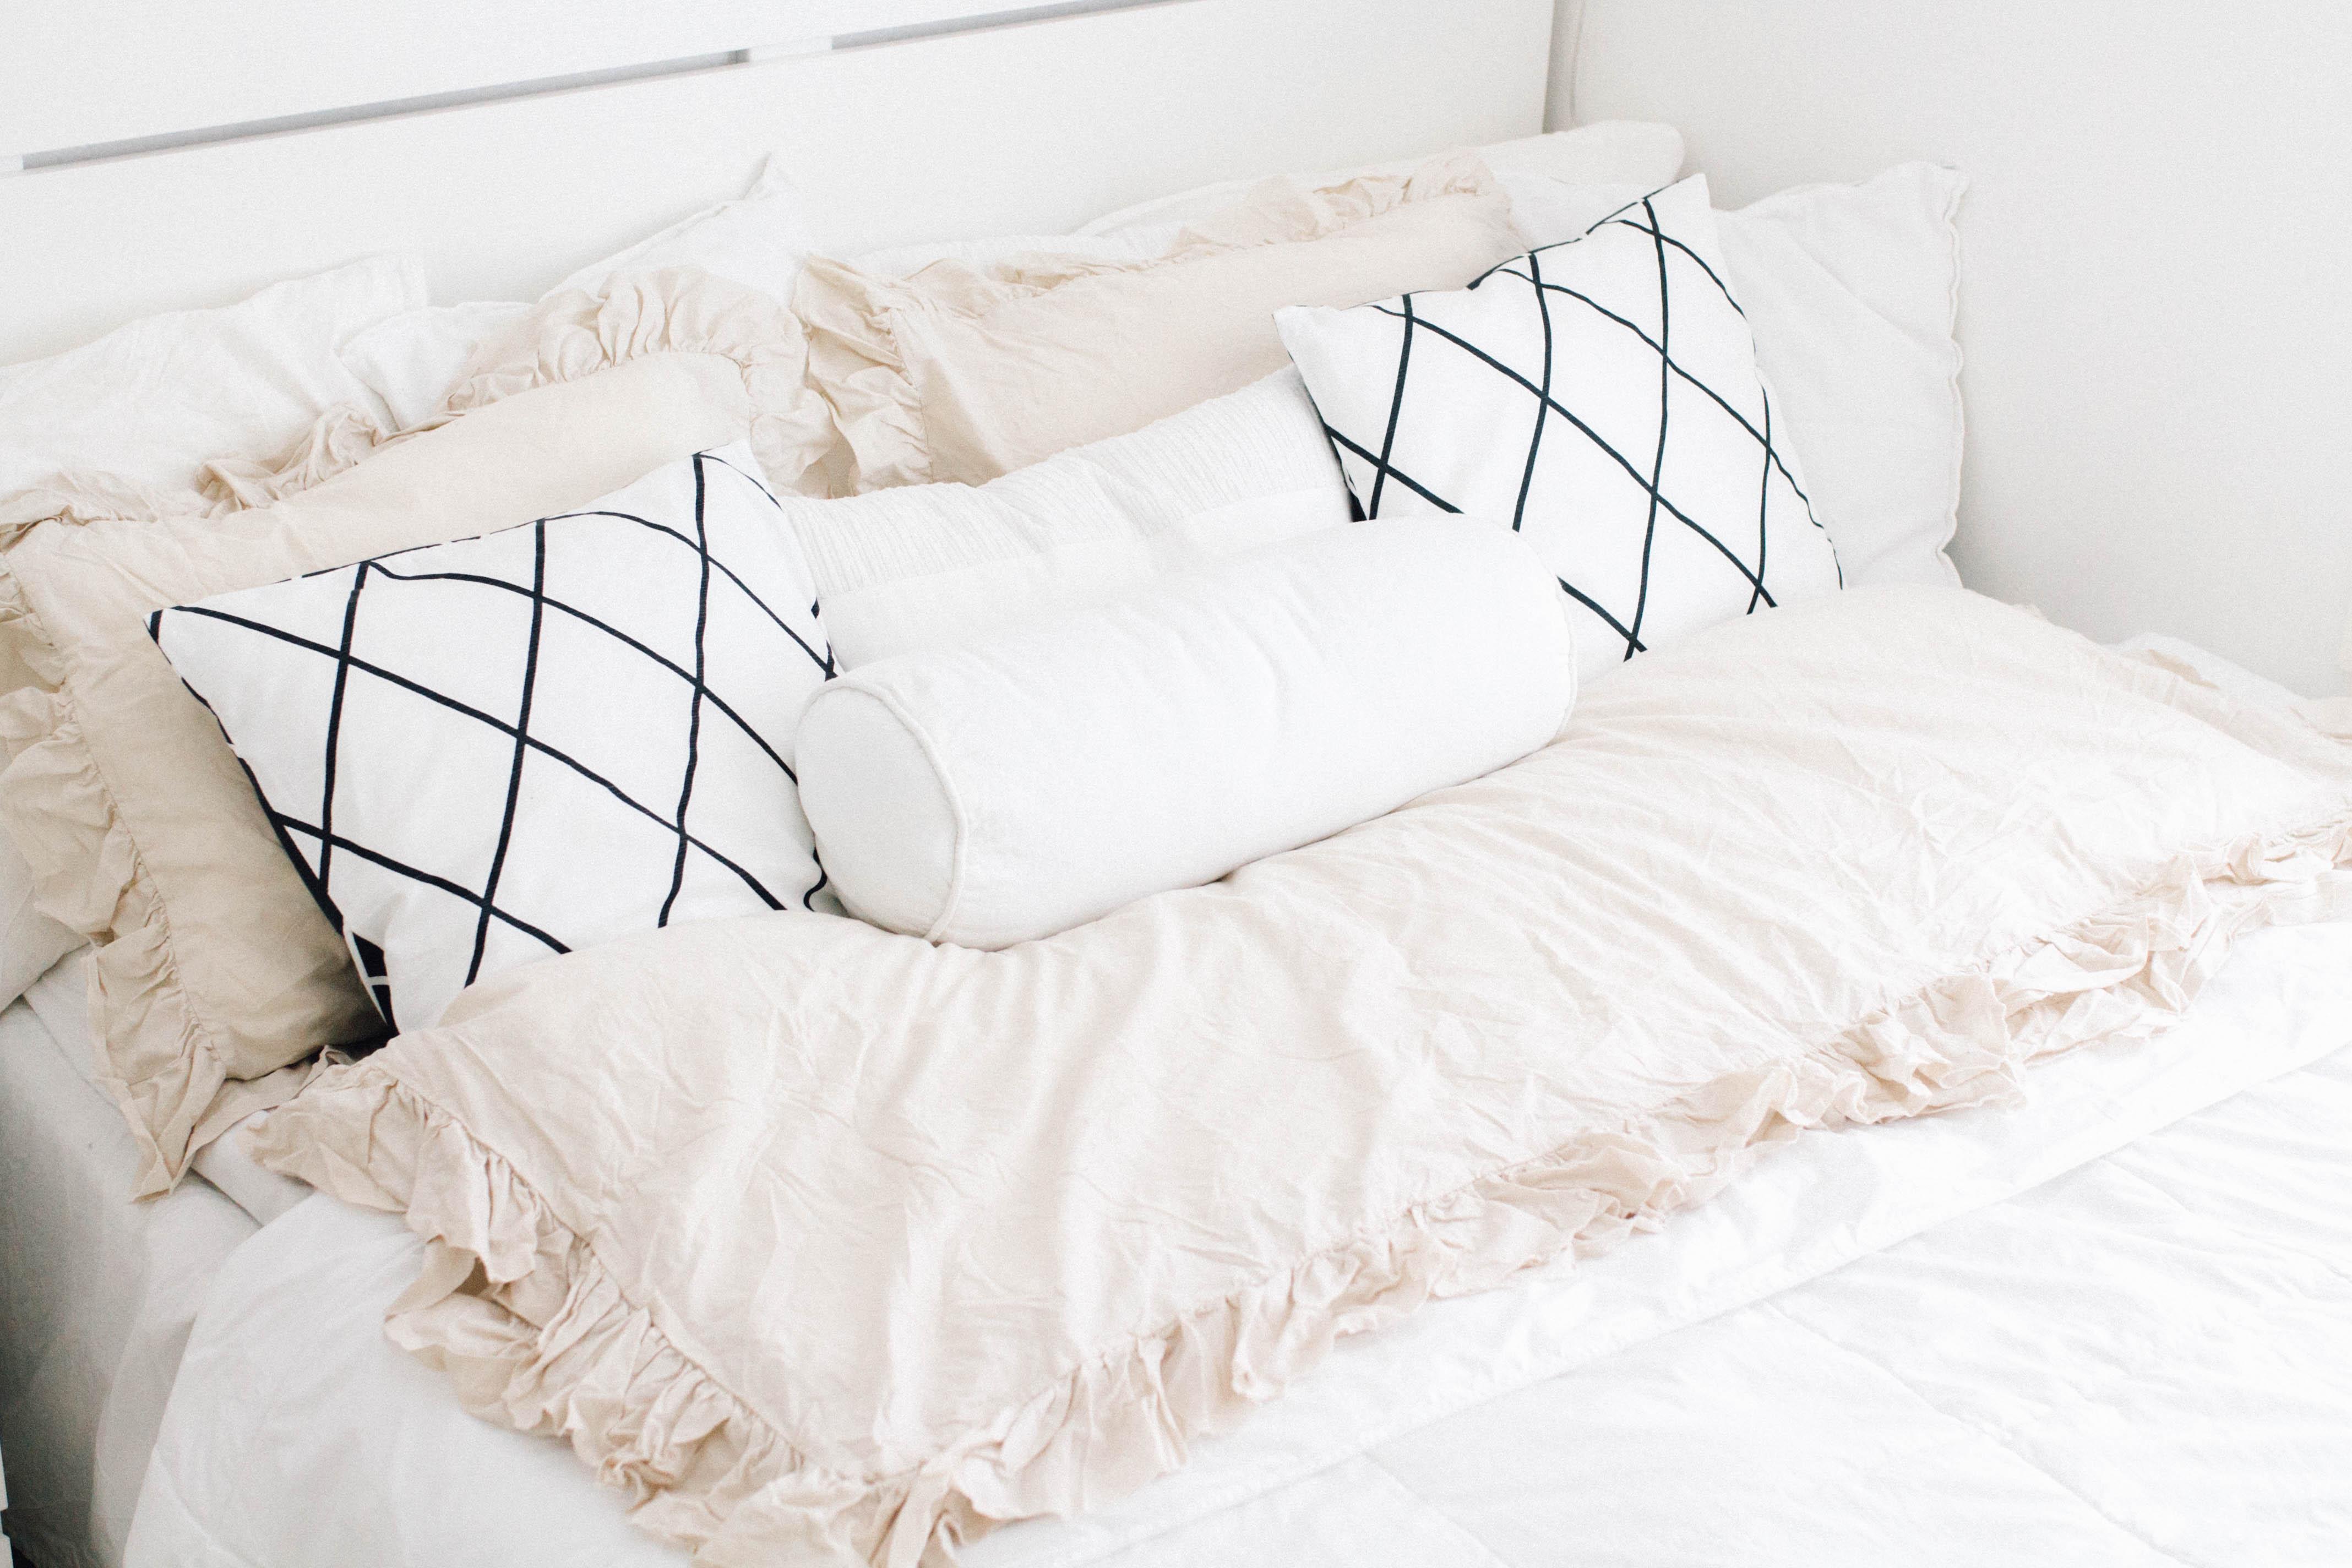 mustavalkoiset tyynynpäälliset